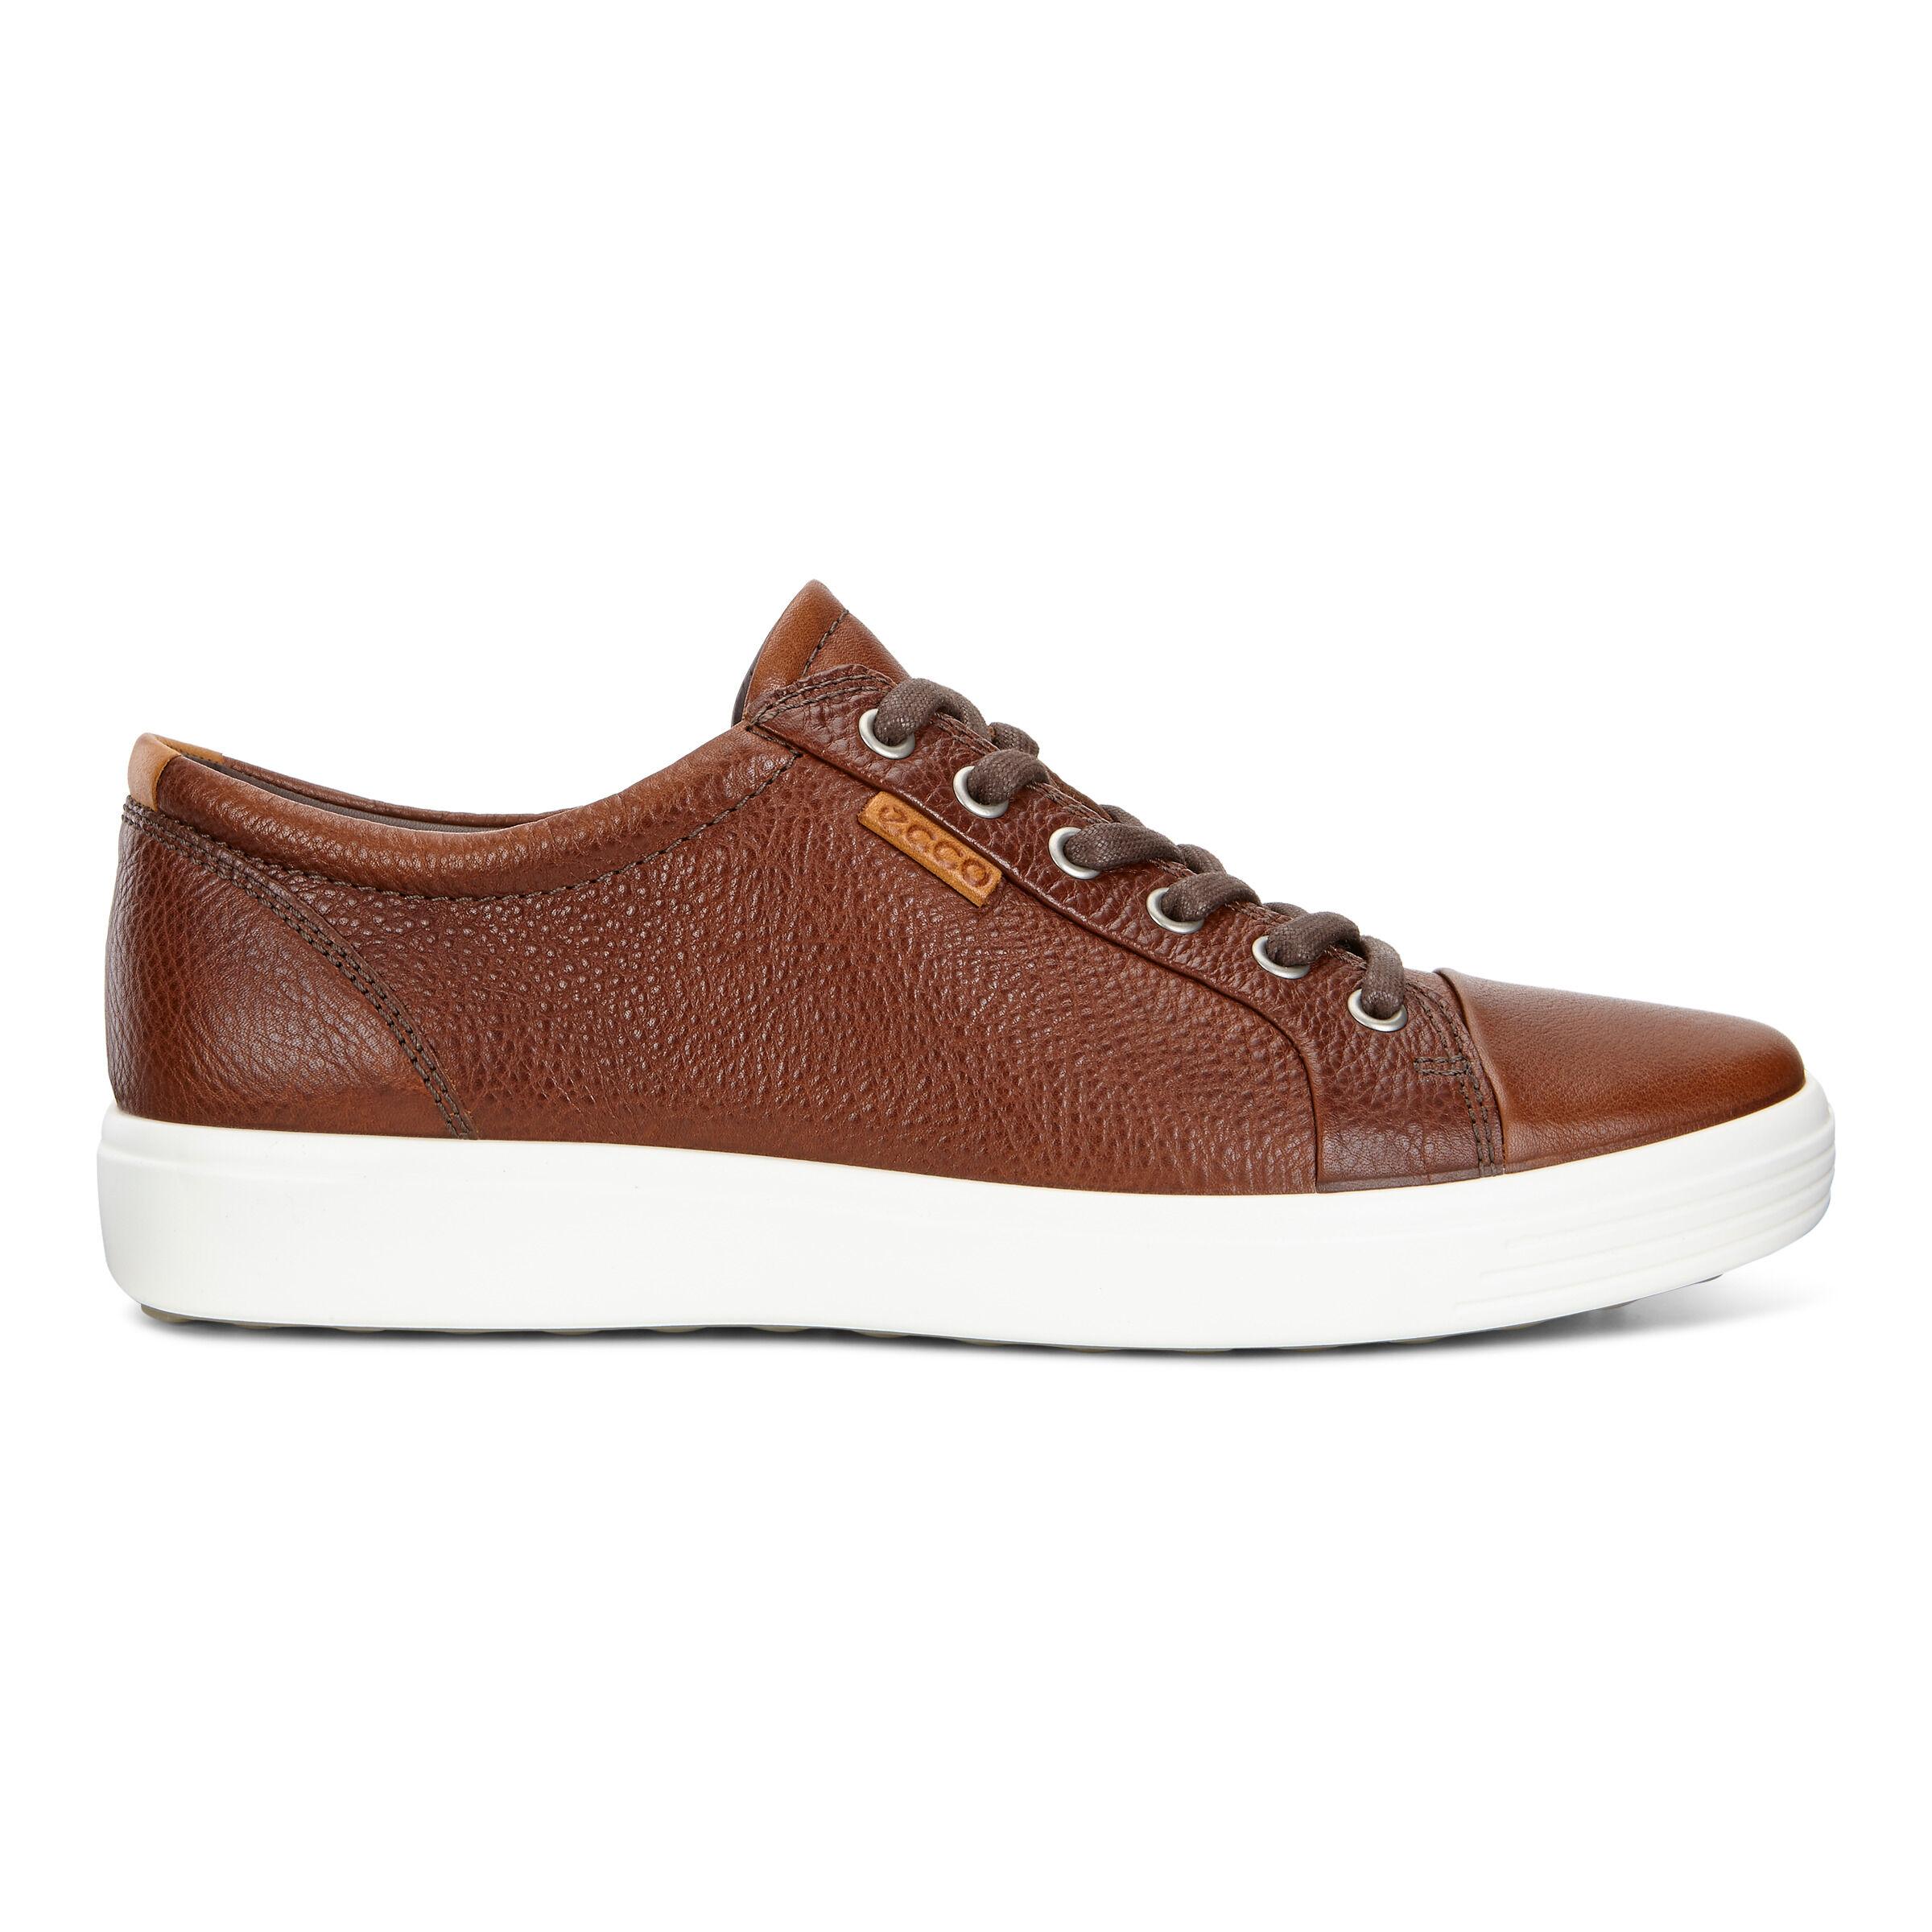 에코 ECCO Soft 7 Mens Sneakers,whisky